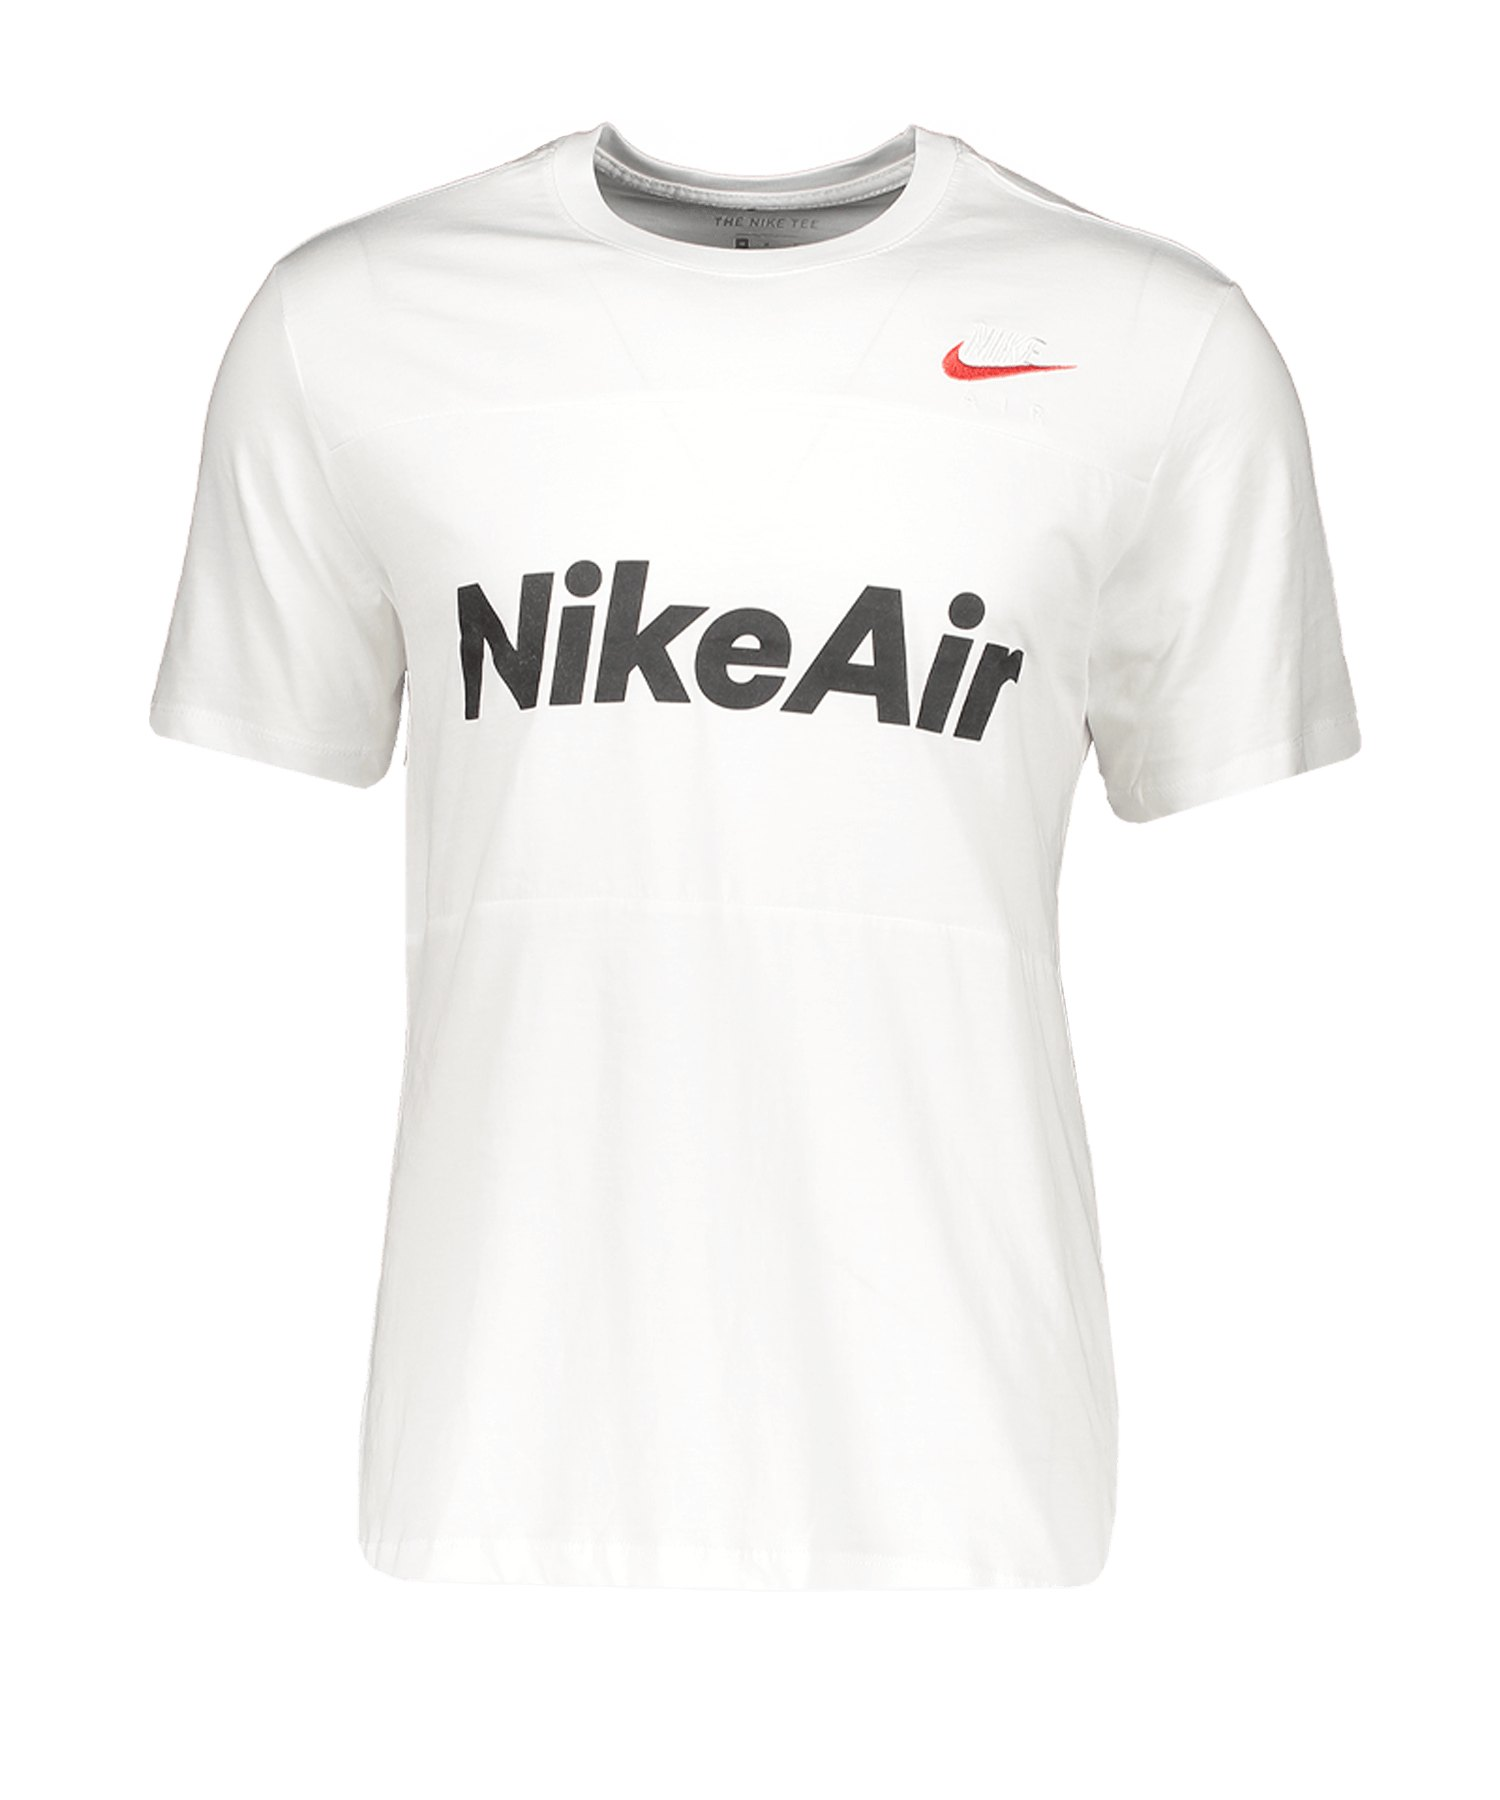 Nike Air Tee T-Shirt Weiss F101 - weiss